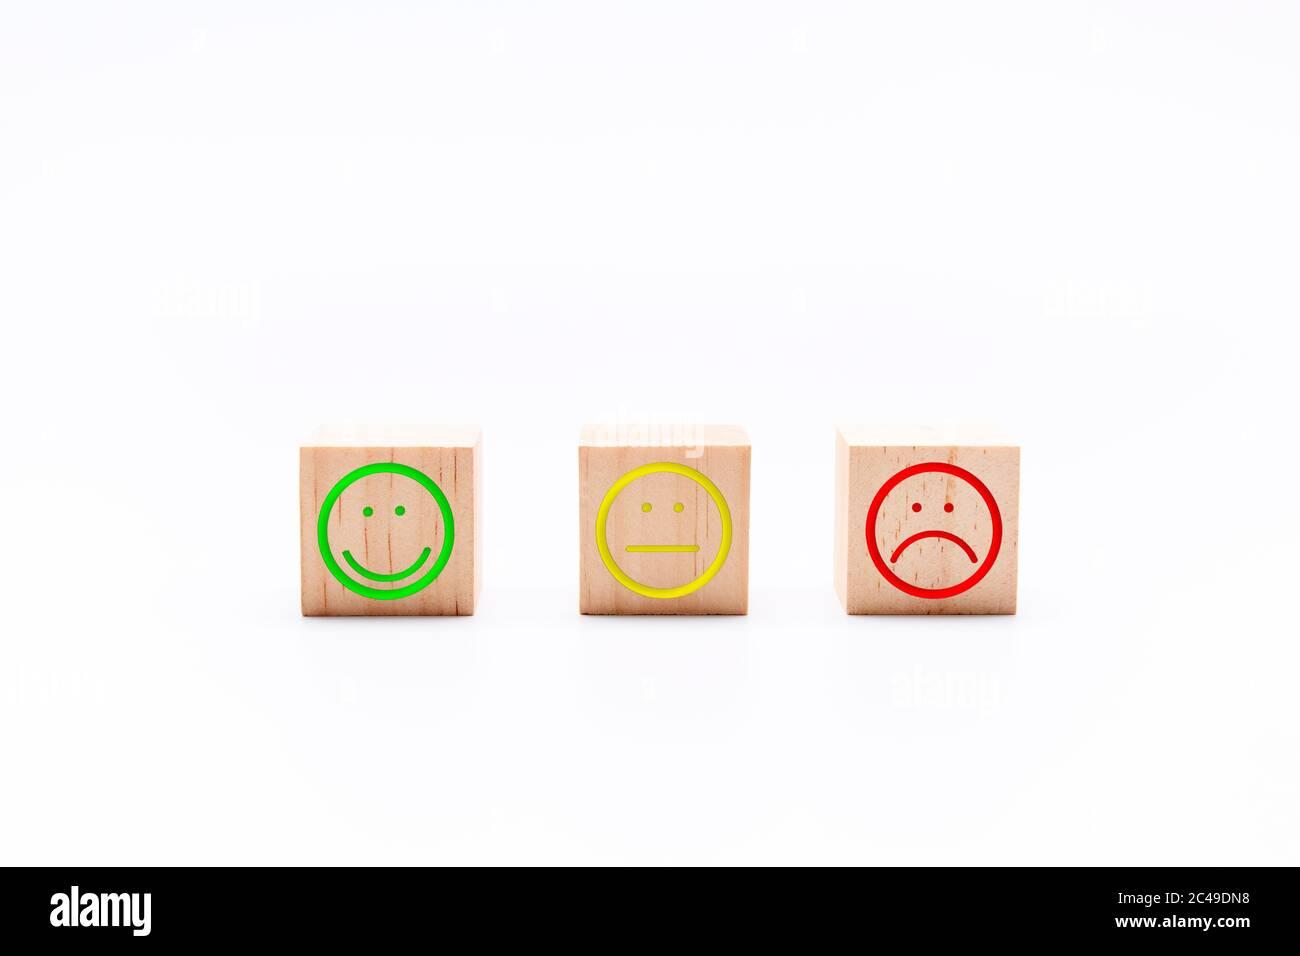 Bewertung Zufriedenheit Feedback in Form von Emotionen gut normal schlecht. Customer Experience Konzept Stockfoto